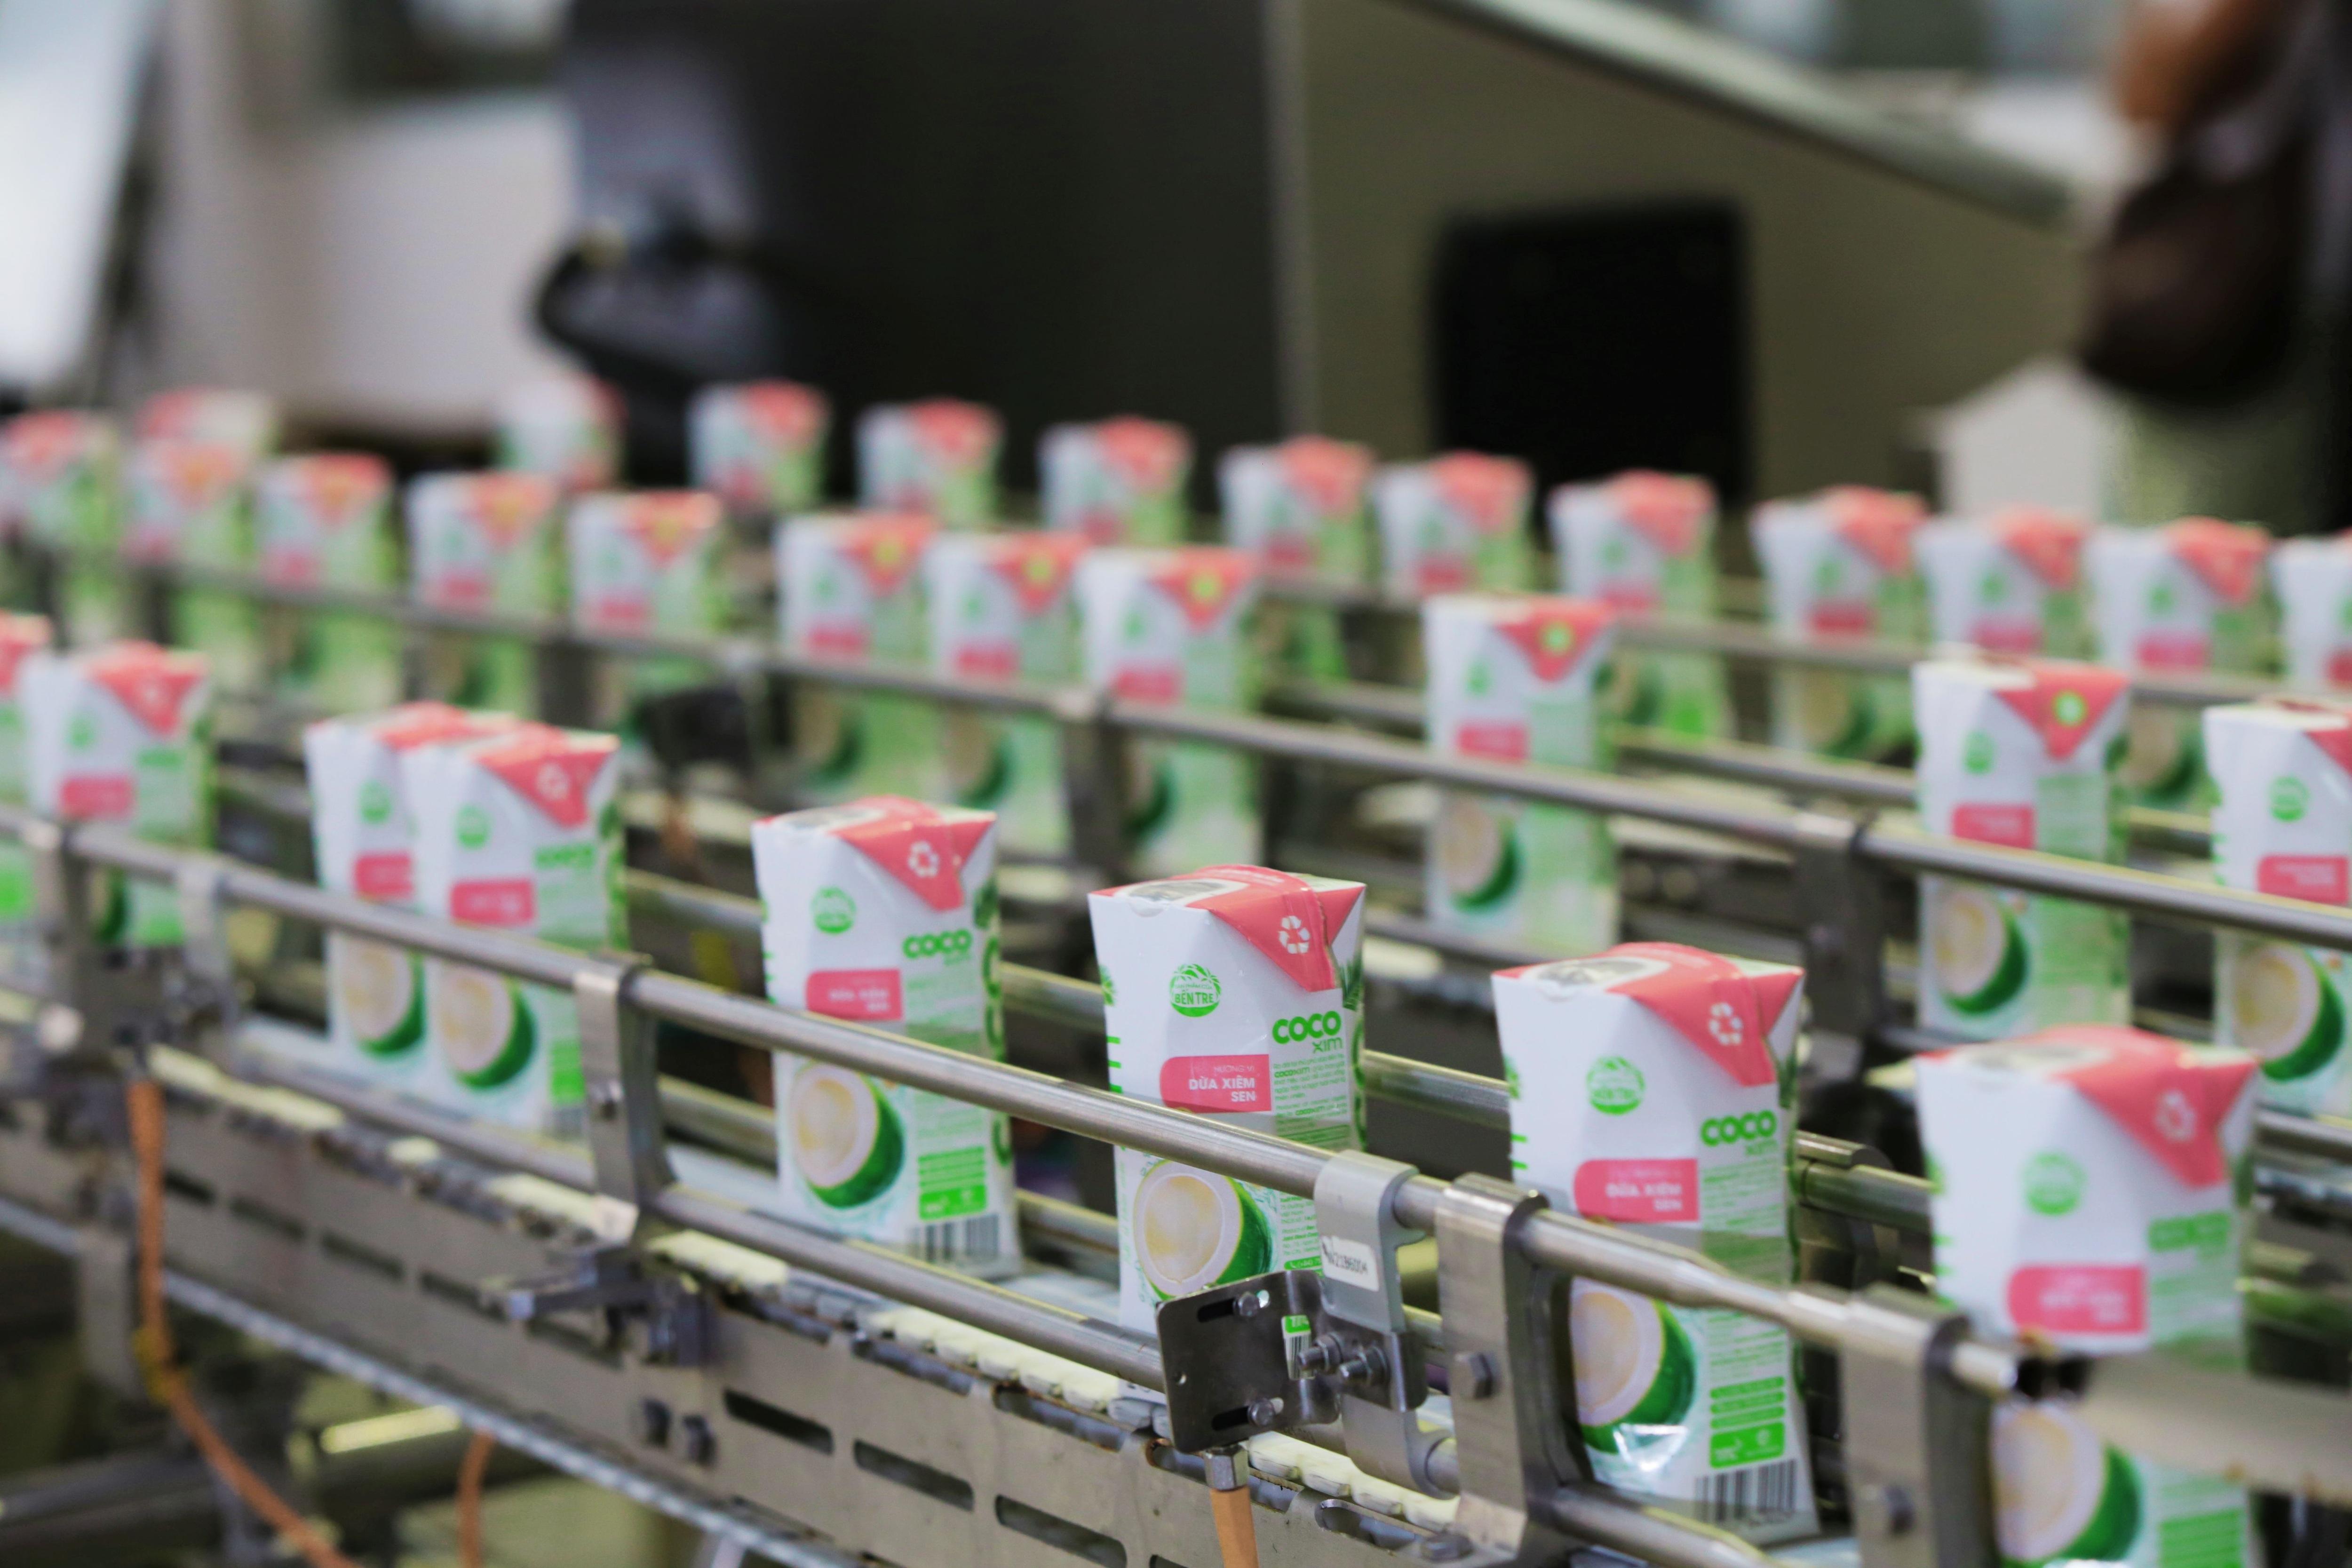 Nước dừa đóng hộp đầu tiên tại Việt Nam sử dụng dây chuyền công nghệ hàng đầu thế giới - 2